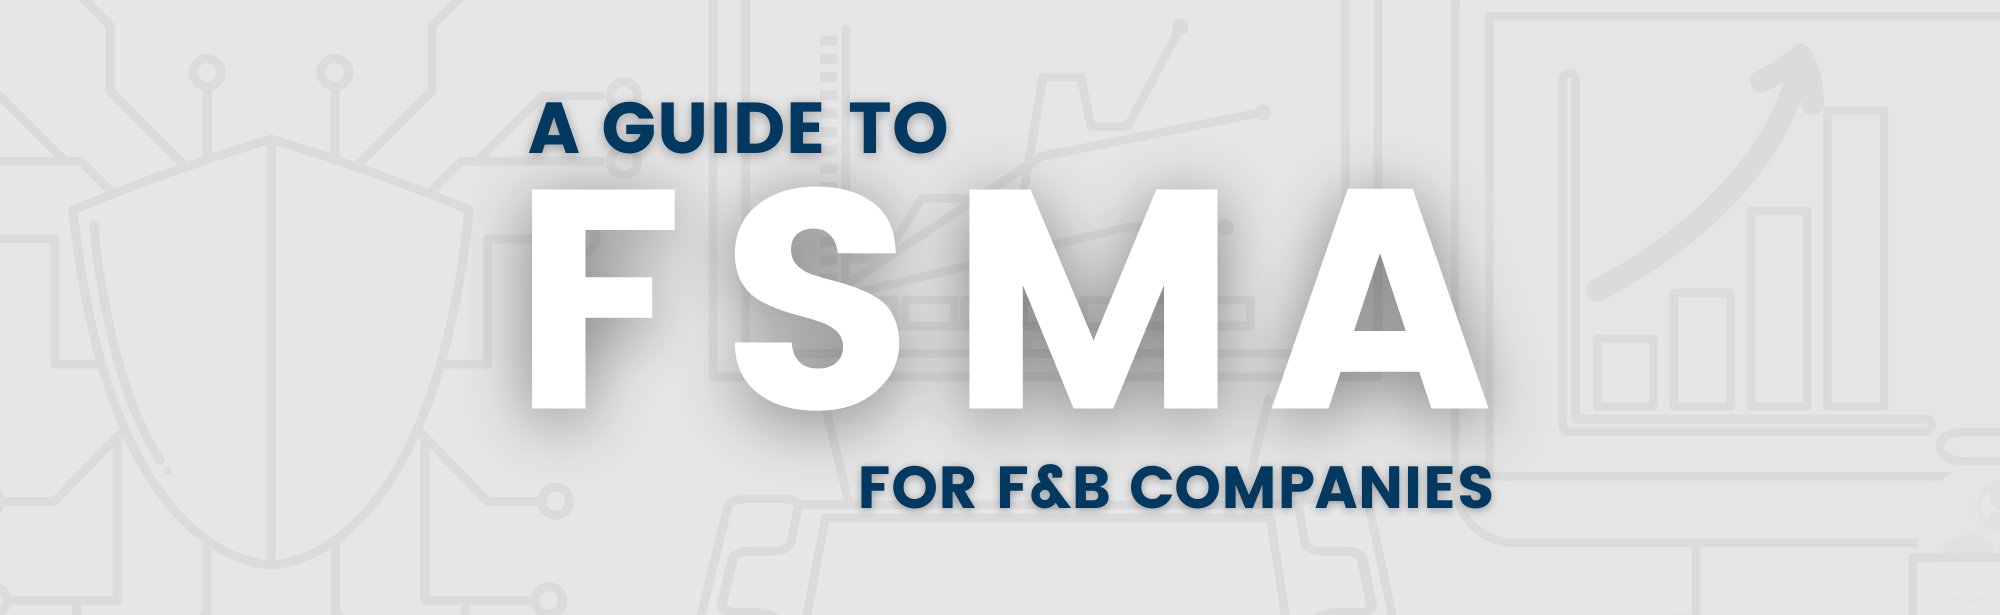 FSMA_Guide_food_beverage_header